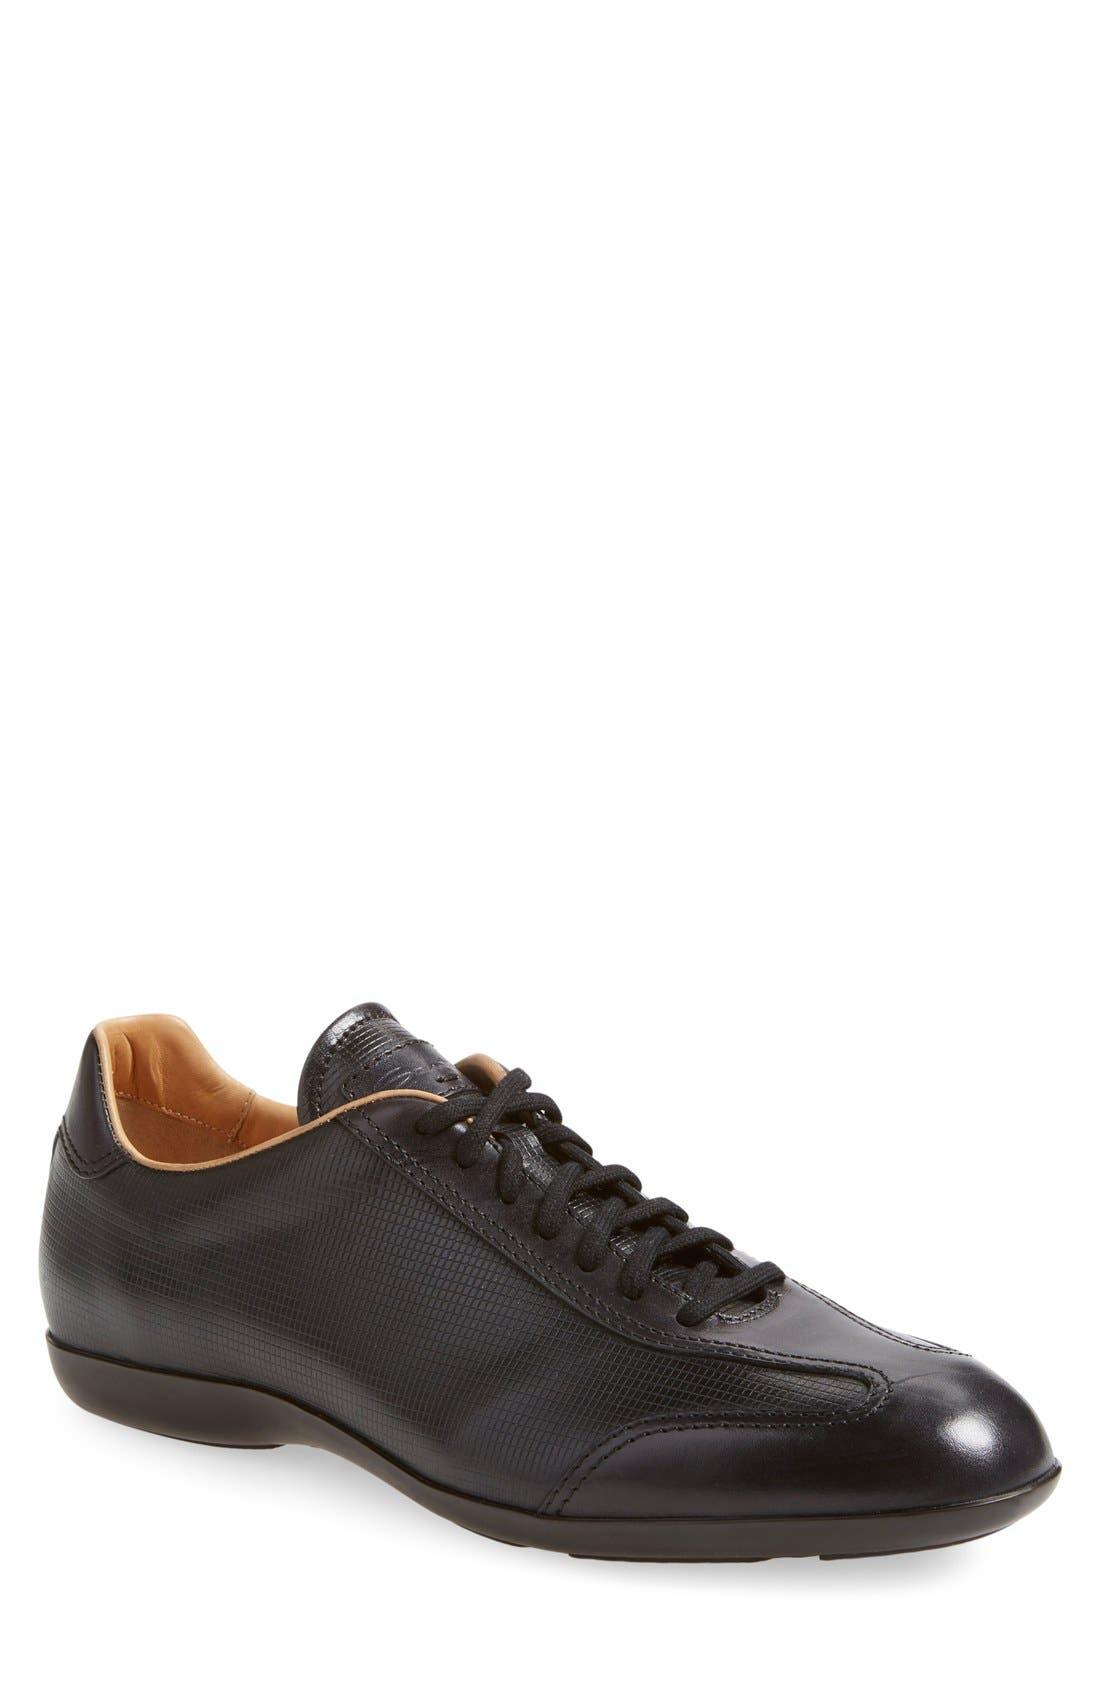 'Cortez' Sneaker,                             Main thumbnail 1, color,                             Black/ Black Leather